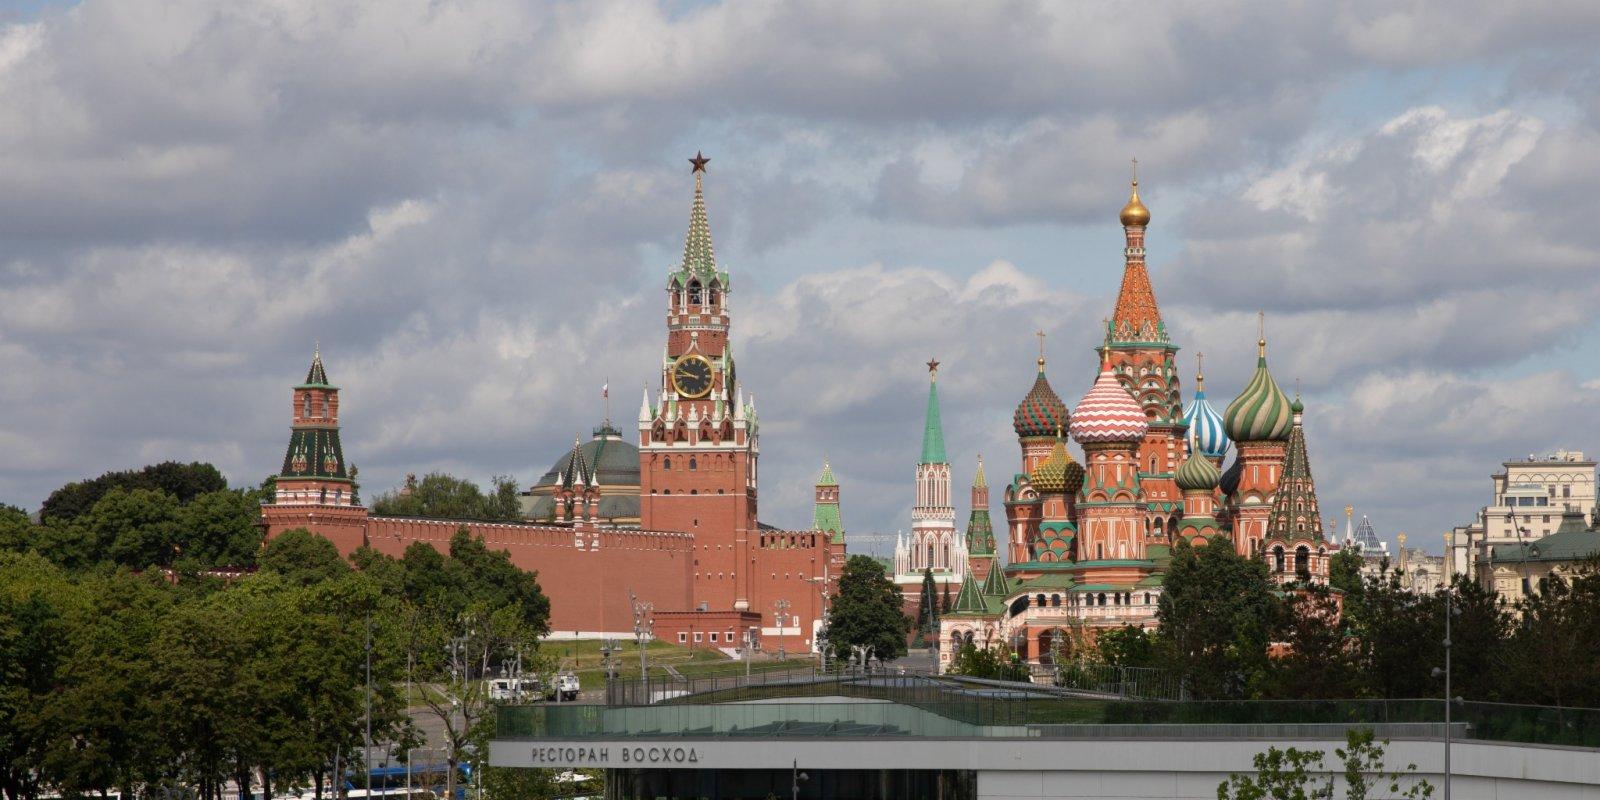 俄羅斯反駁歐盟:無計劃吞併頓巴斯地區